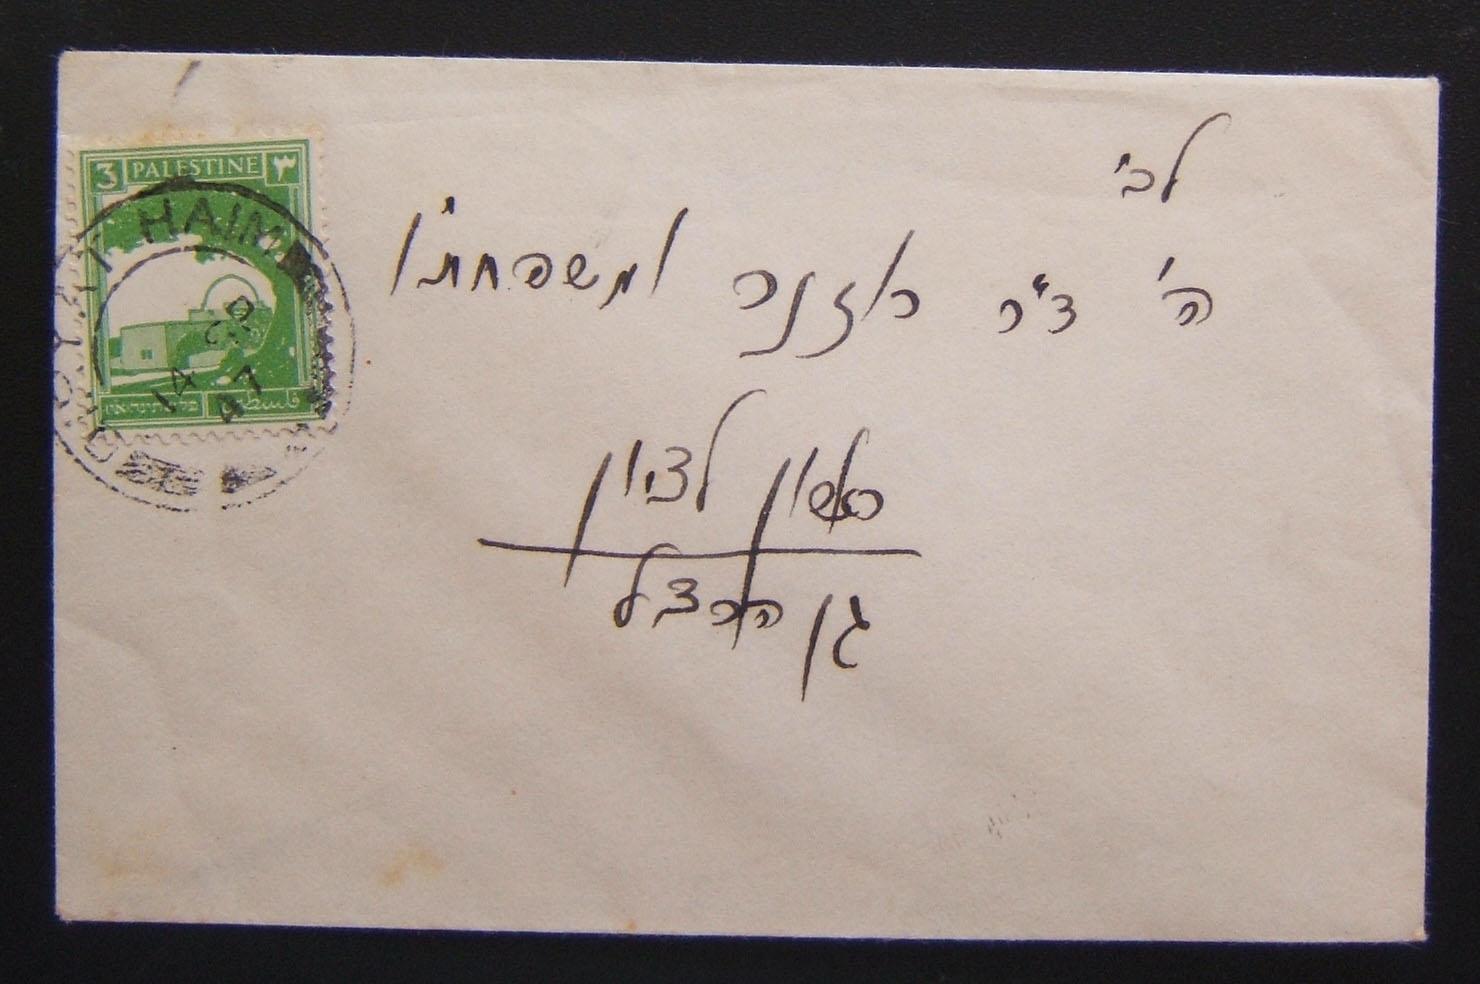 1947 البريد الإلزامي للبريد المطبوع: 14 SP 47 comm pm cv ex QIRYAT HAIM to RLZ franked 3m per period pm rate using Pictorals Ba91 tie by local pmk D4؛ غير مختومة كما في اللائحة مساء